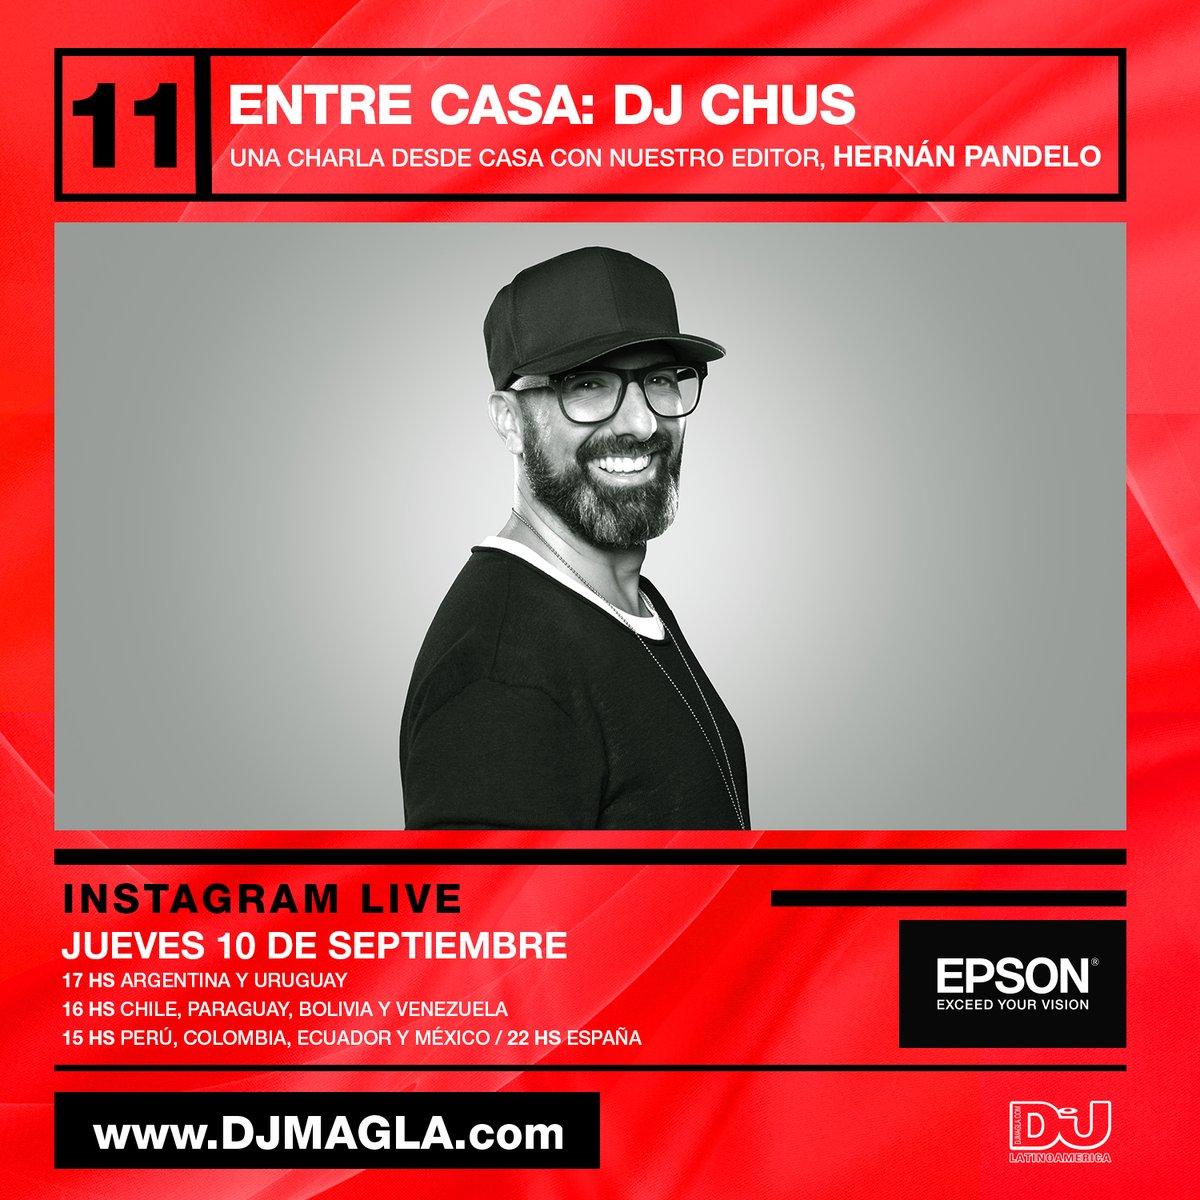 Tomen nota: Mañana desde las 5 PM GMT-3  @hpandelo estará charlando con  @DJCHUS en vivo desde nuestro Instagram ¡Los esperamos! https://t.co/Ikhs6isSiy